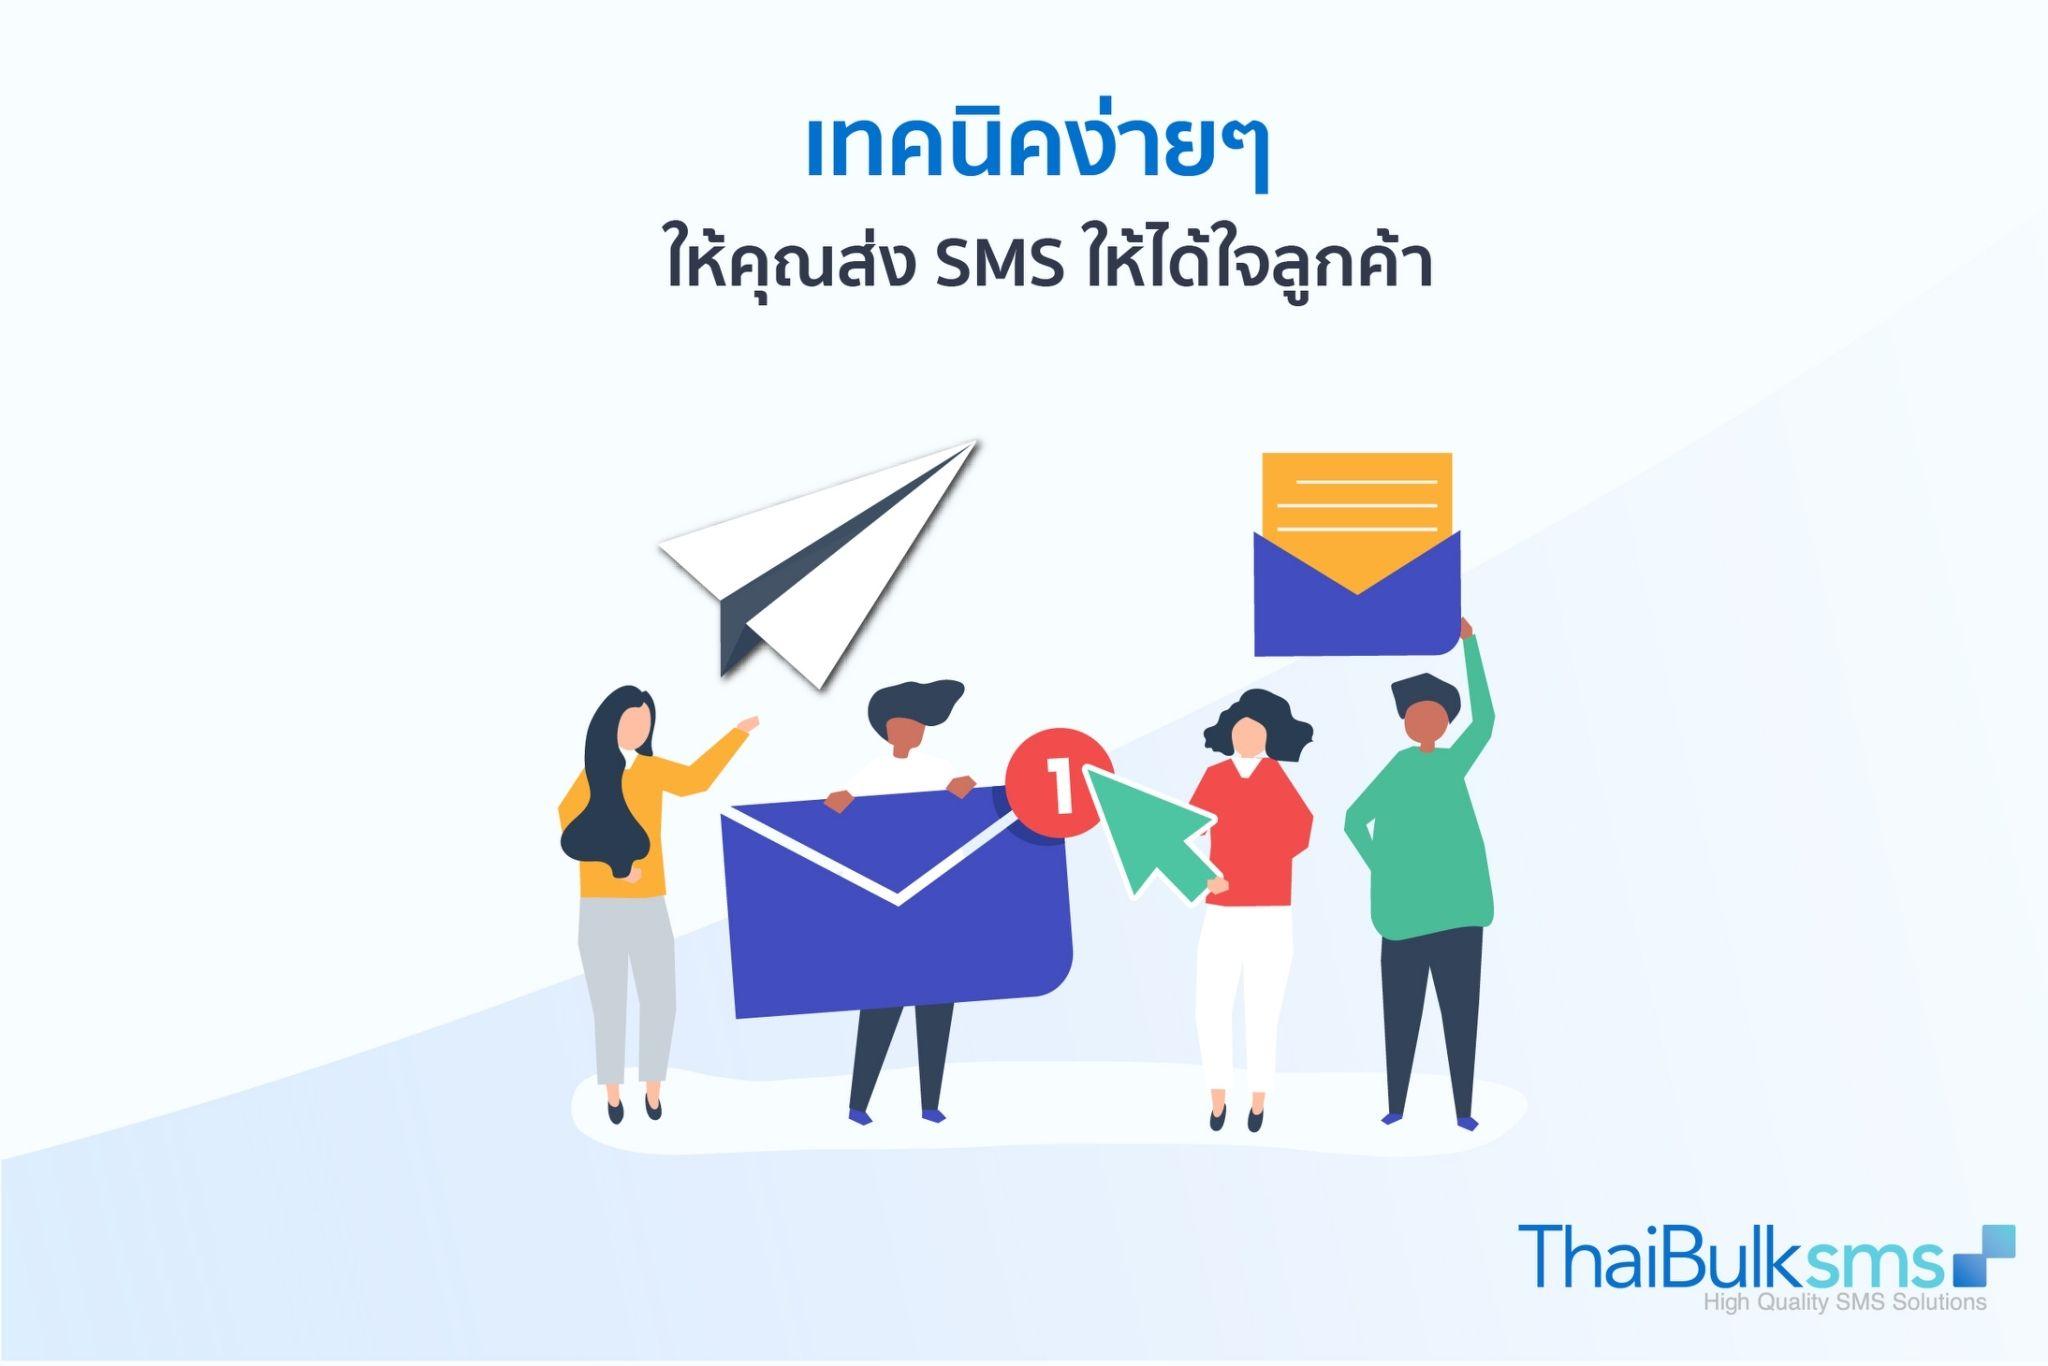 เทคนิคง่ายๆ ให้คุณส่ง SMS ให้ได้ใจลูกค้า